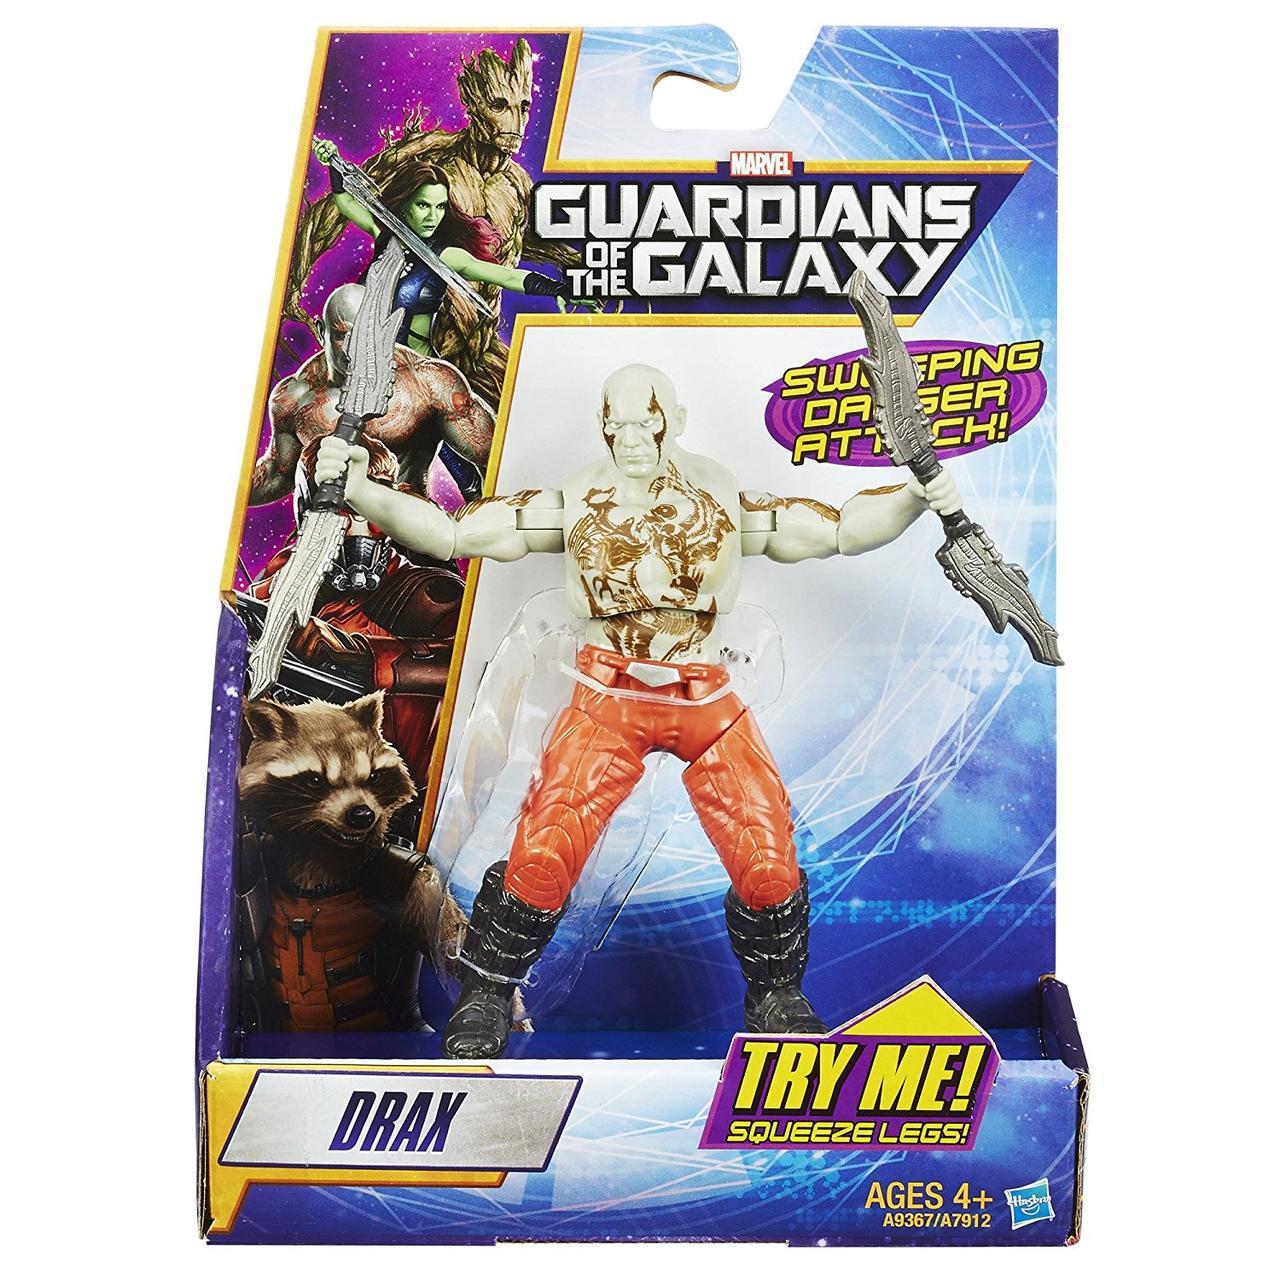 Фигурка Дракса Разрушителя из к\ф Стражи Галактики 21 СМ - Drax, Guardians of The Galaxy, Hasbro